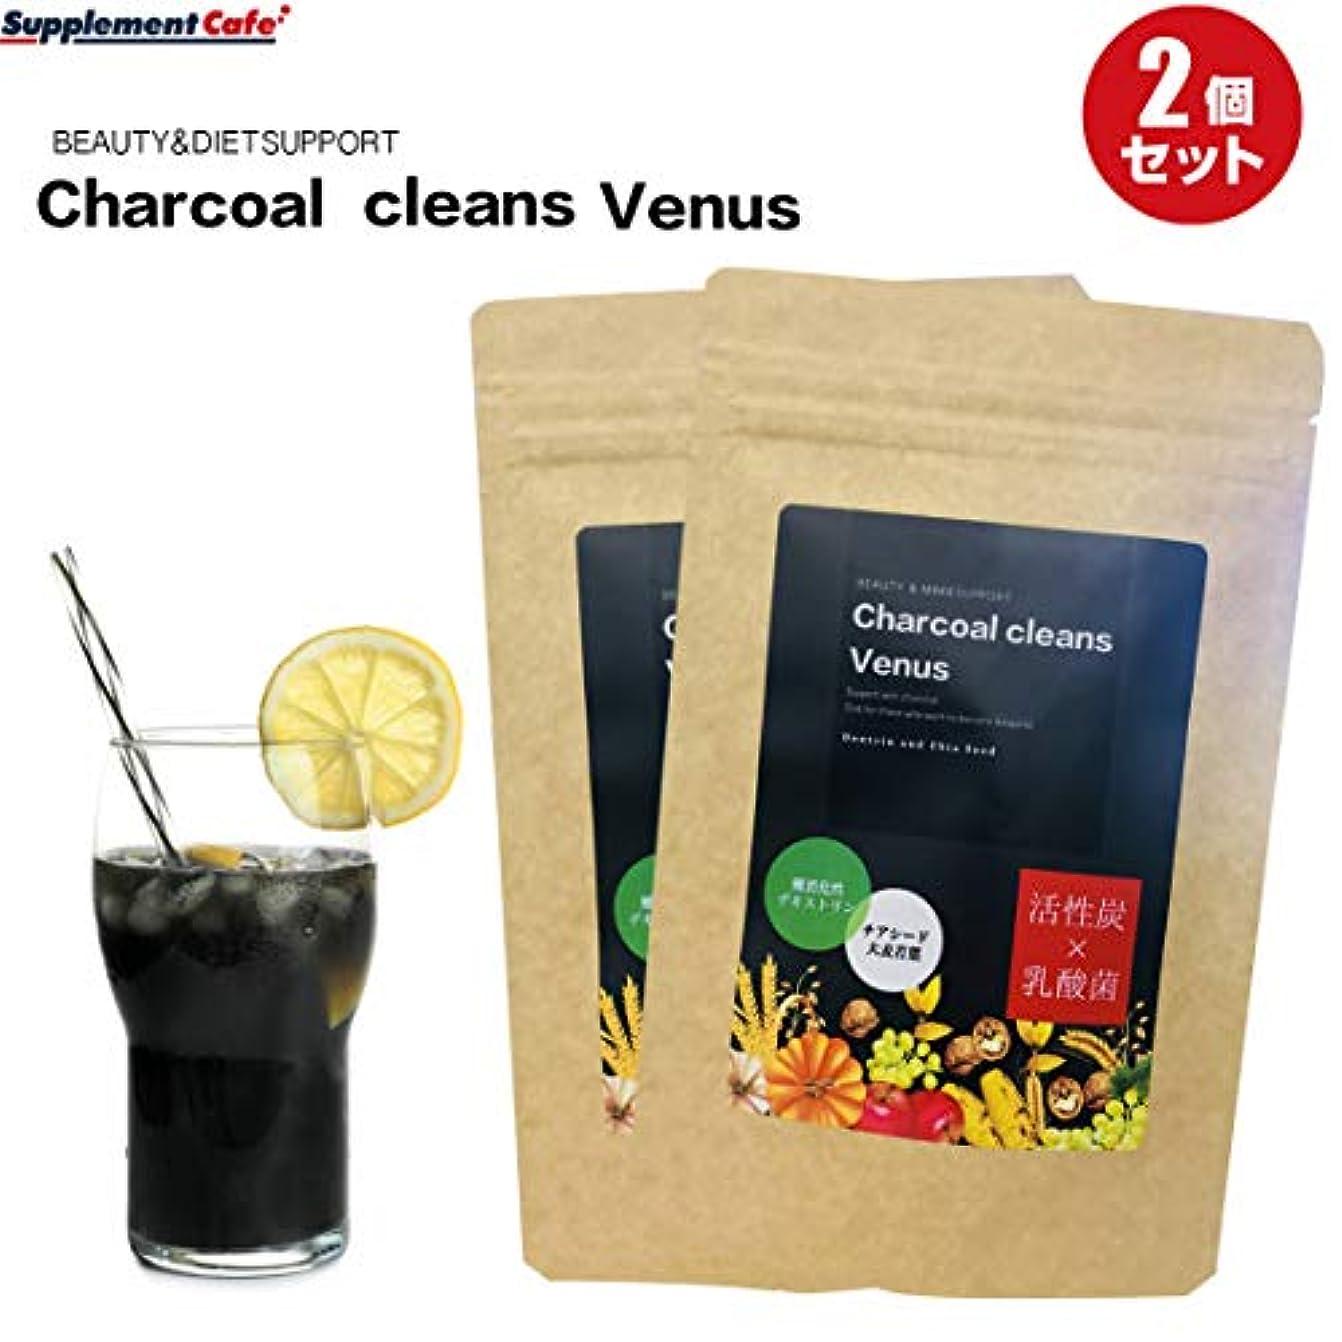 あなたが良くなります欠陥徹底的に2袋セット 炭 デトックス & ダイエット 活性炭 + 乳酸菌 チャコールクレンズ ビーナス 約1ヶ月分 150g フルーツMIX味